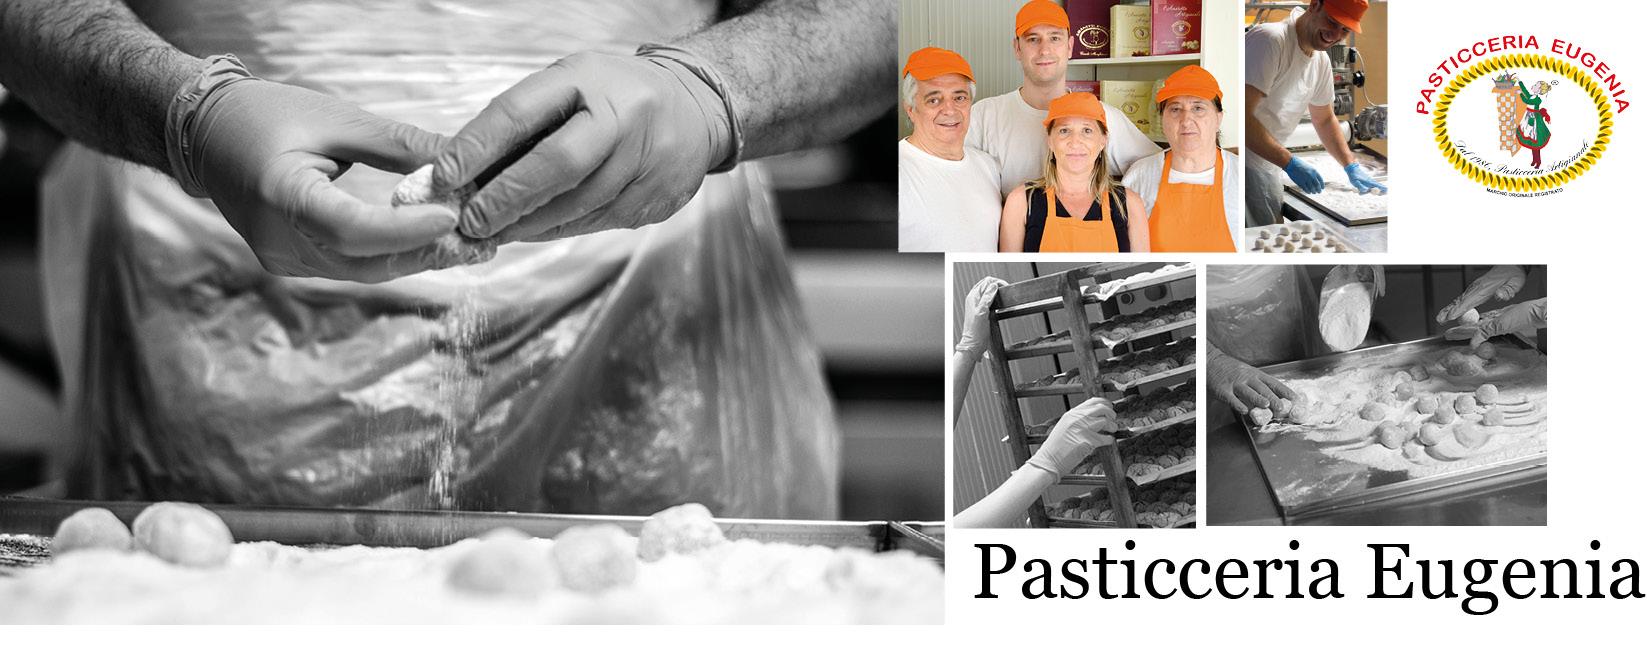 Produzent-Pasticceria-EugeniaNWHddqugF7PhA